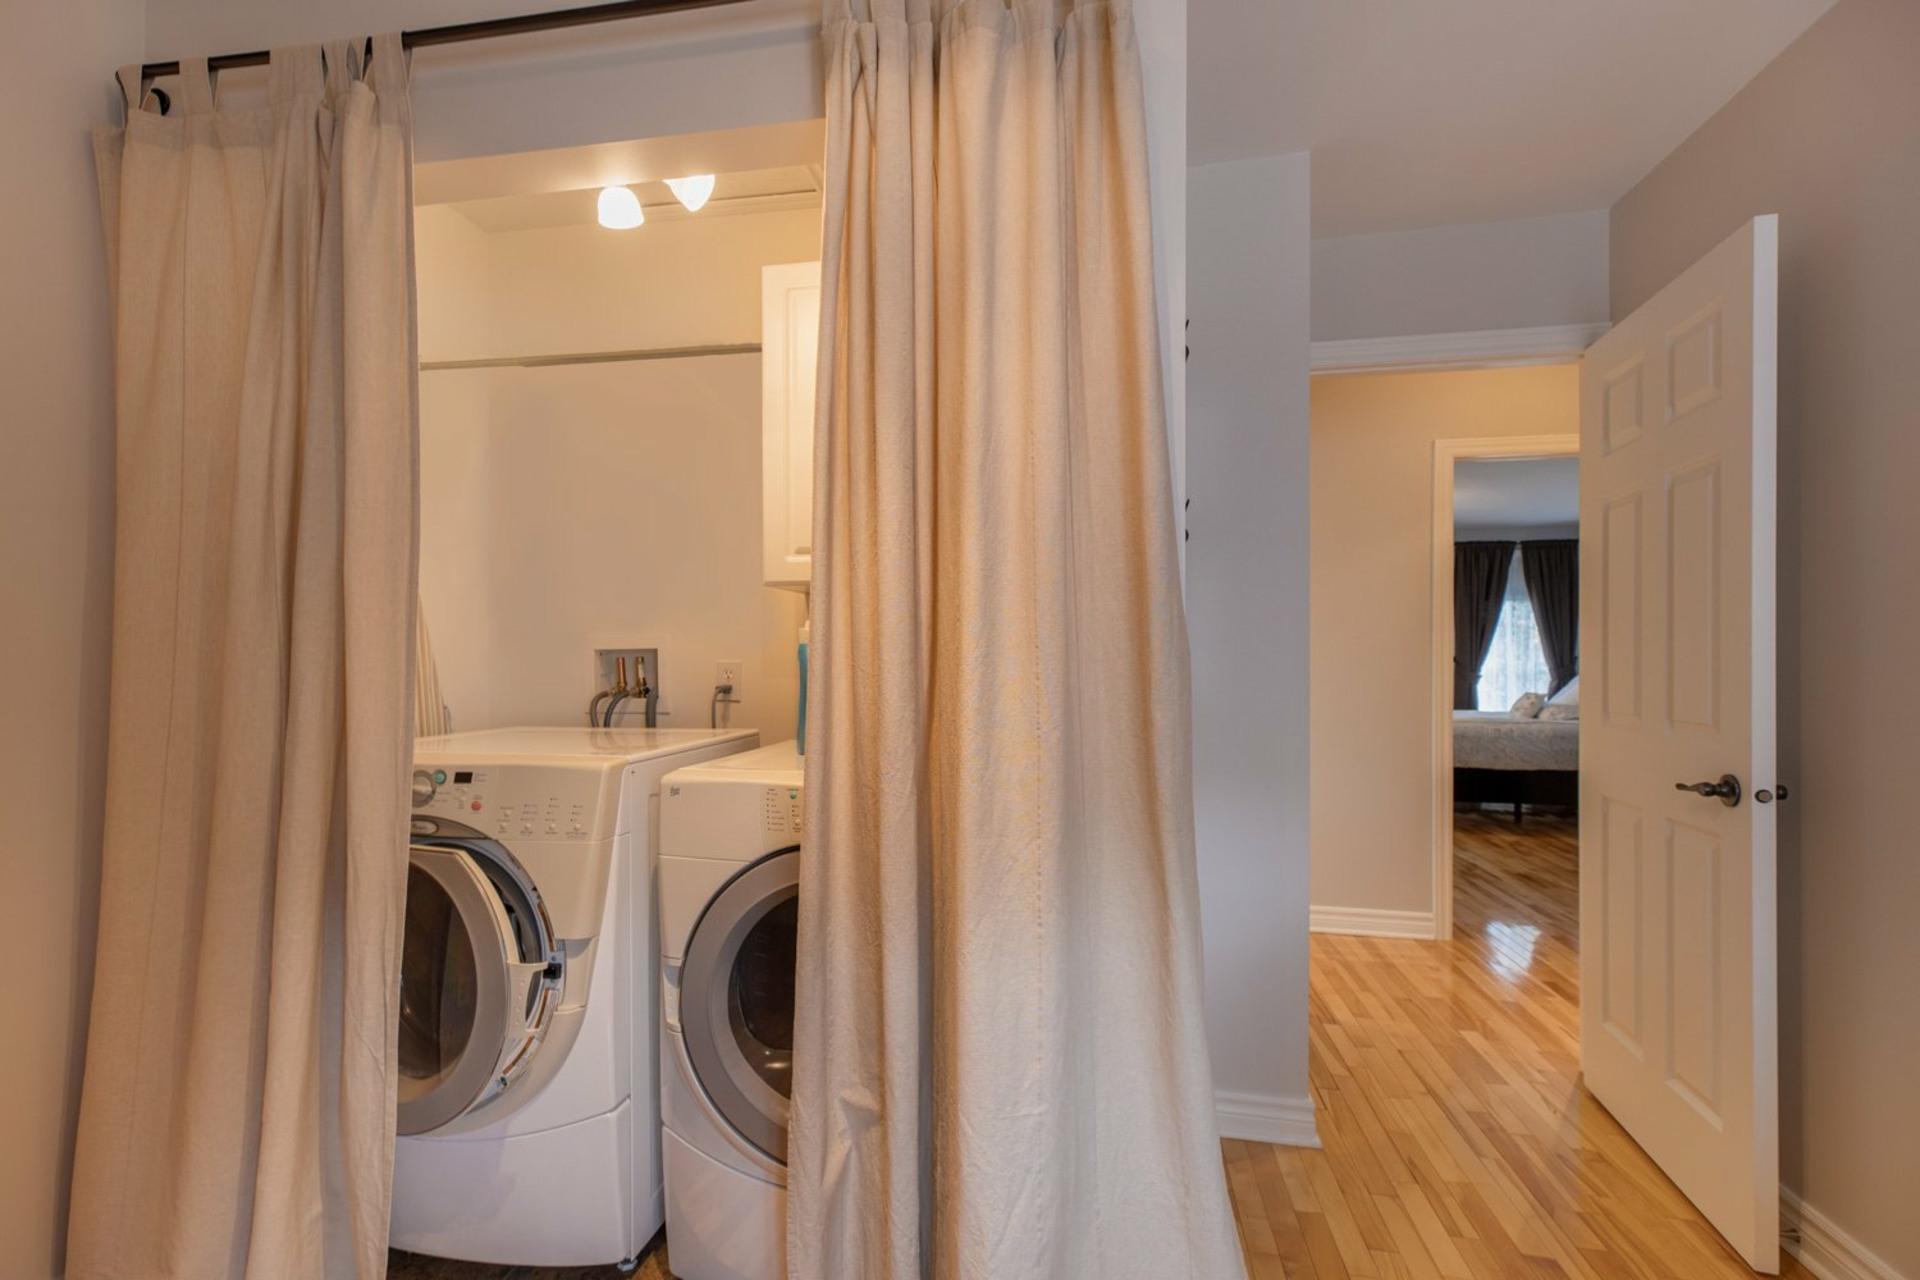 image 20 - Maison À vendre Ahuntsic-Cartierville Montréal  - 8 pièces